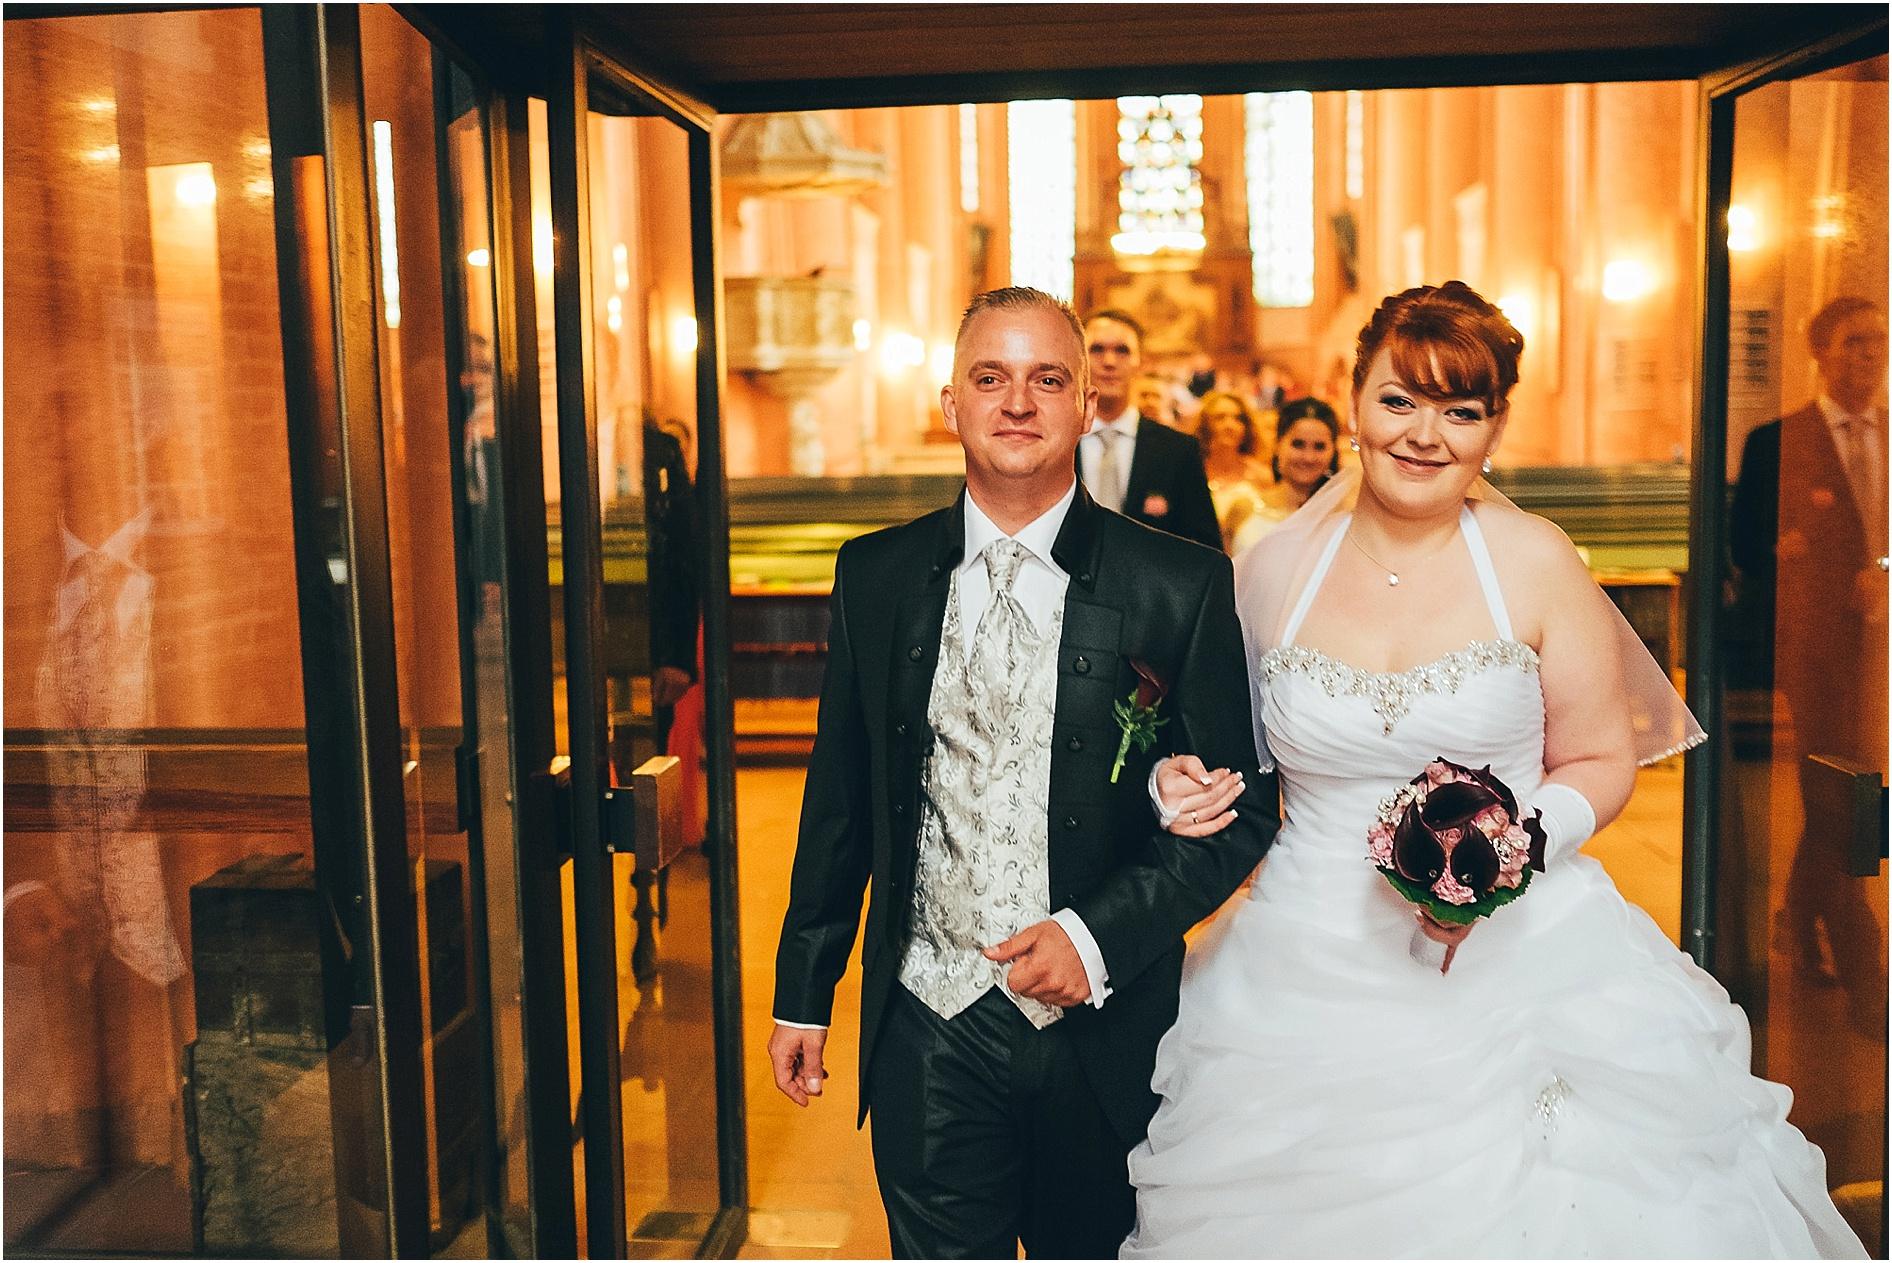 2014-11-20_0042 Lora & Daniel - Als Hochzeitsfotograf in Lüneburg